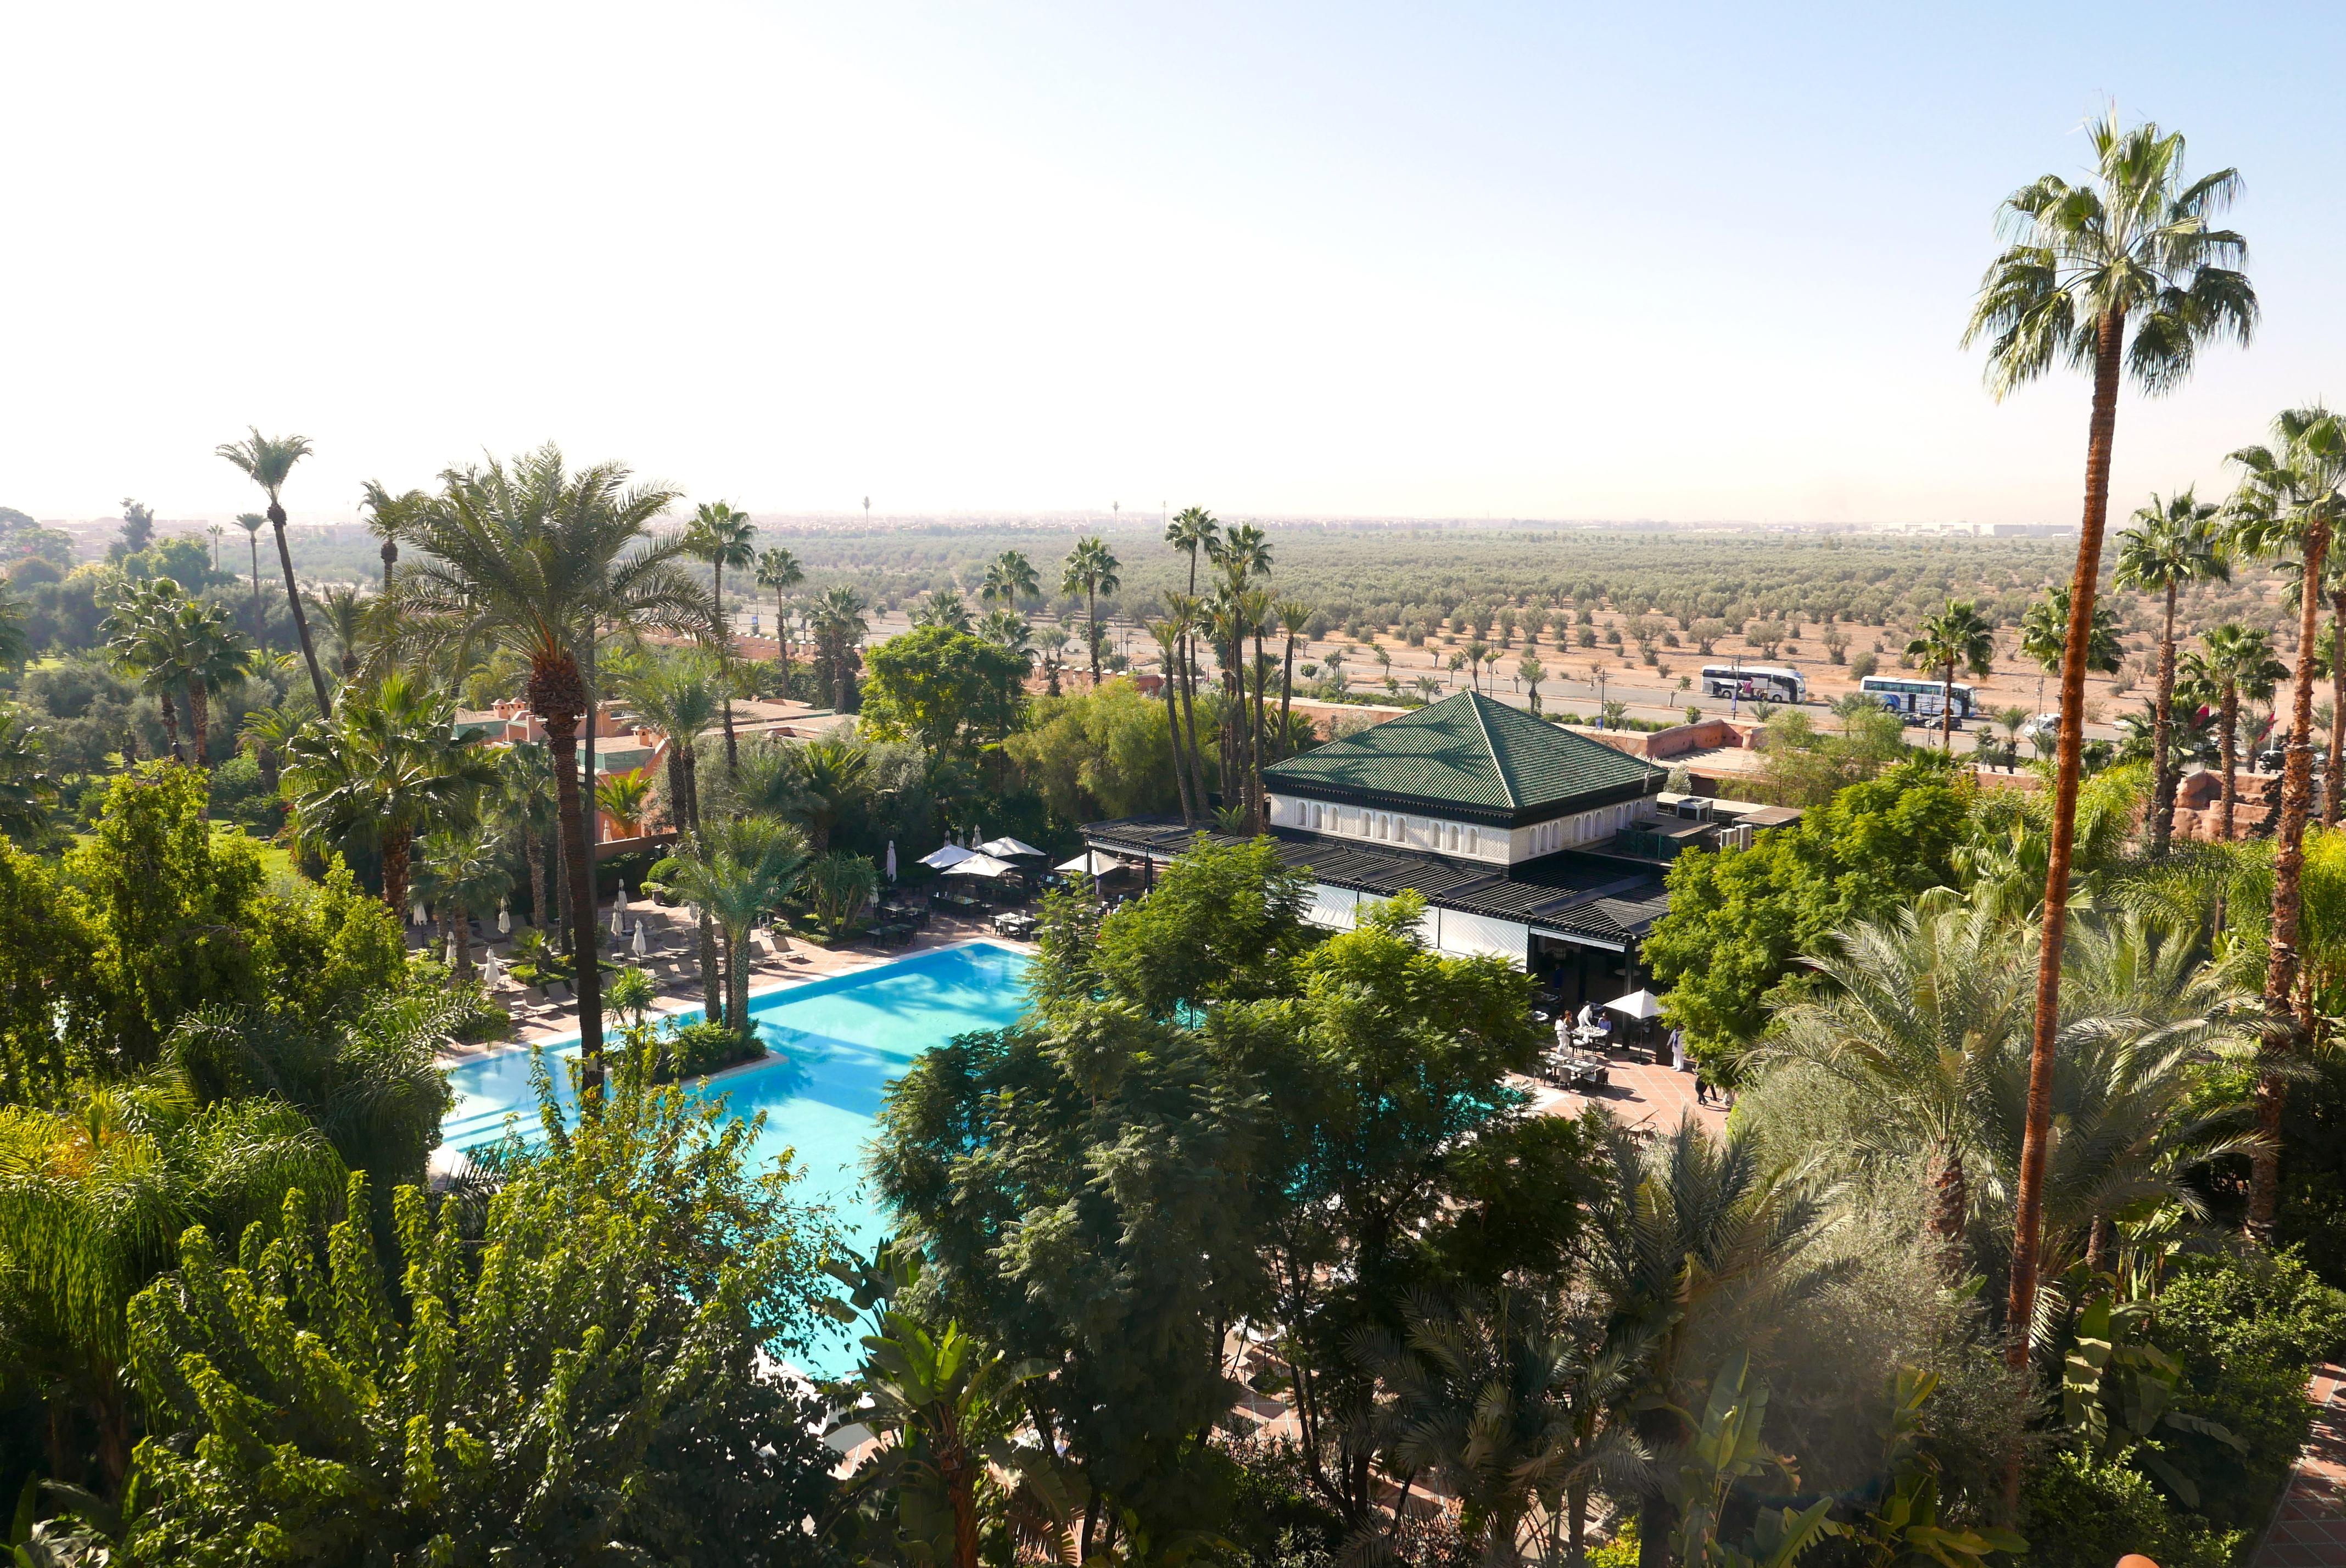 Piscina do La Mamounia vista da varanda de um dos quartos e os jardins do hotel